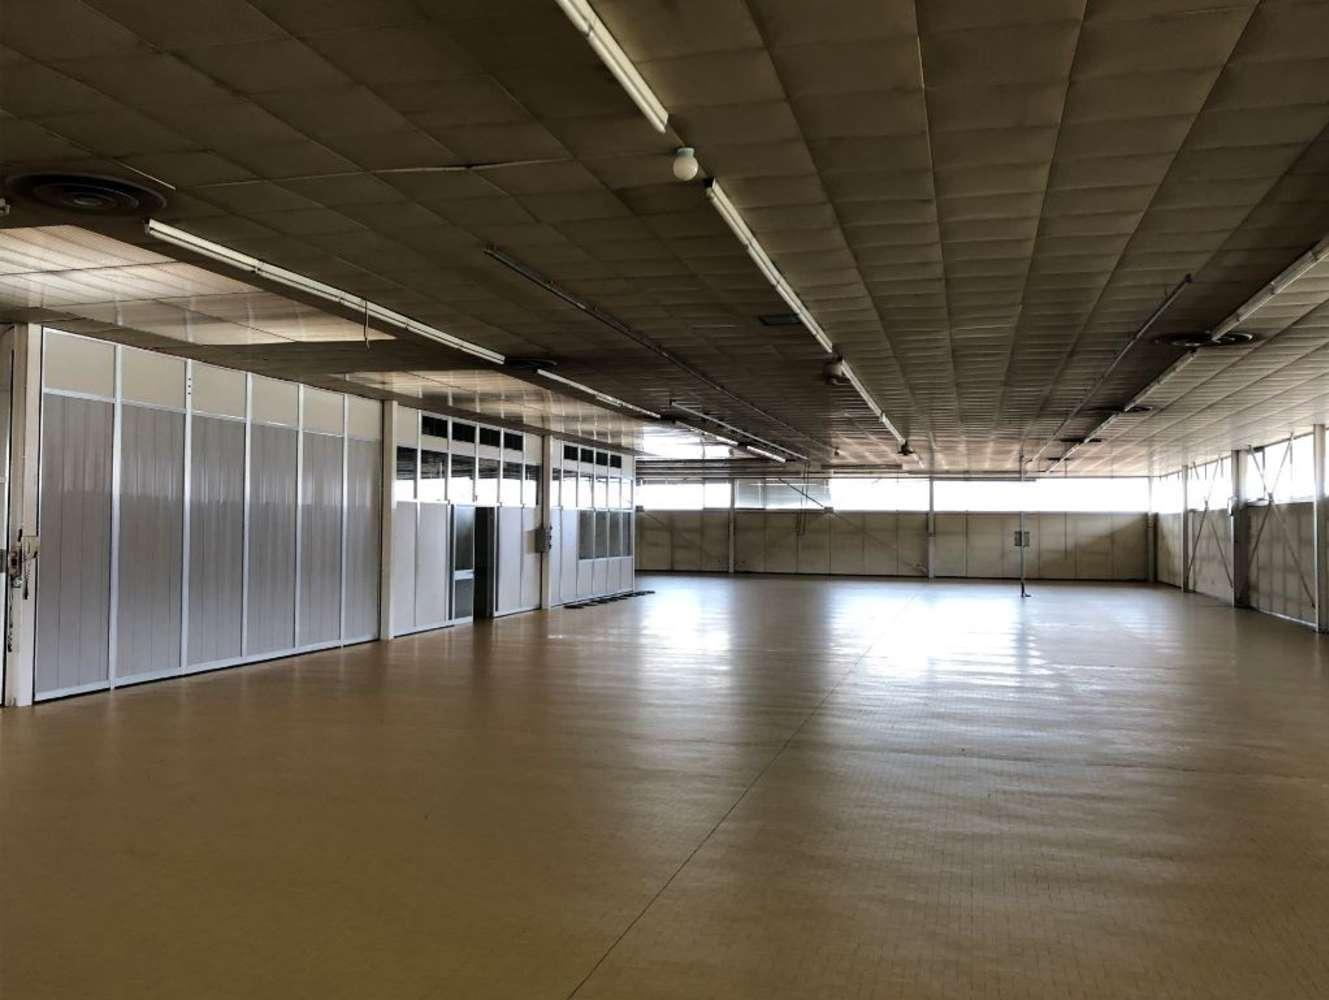 Magazzini industriali e logistici Magnano in riviera, 33010 - Magnano in Riviera – Udine - 10080697